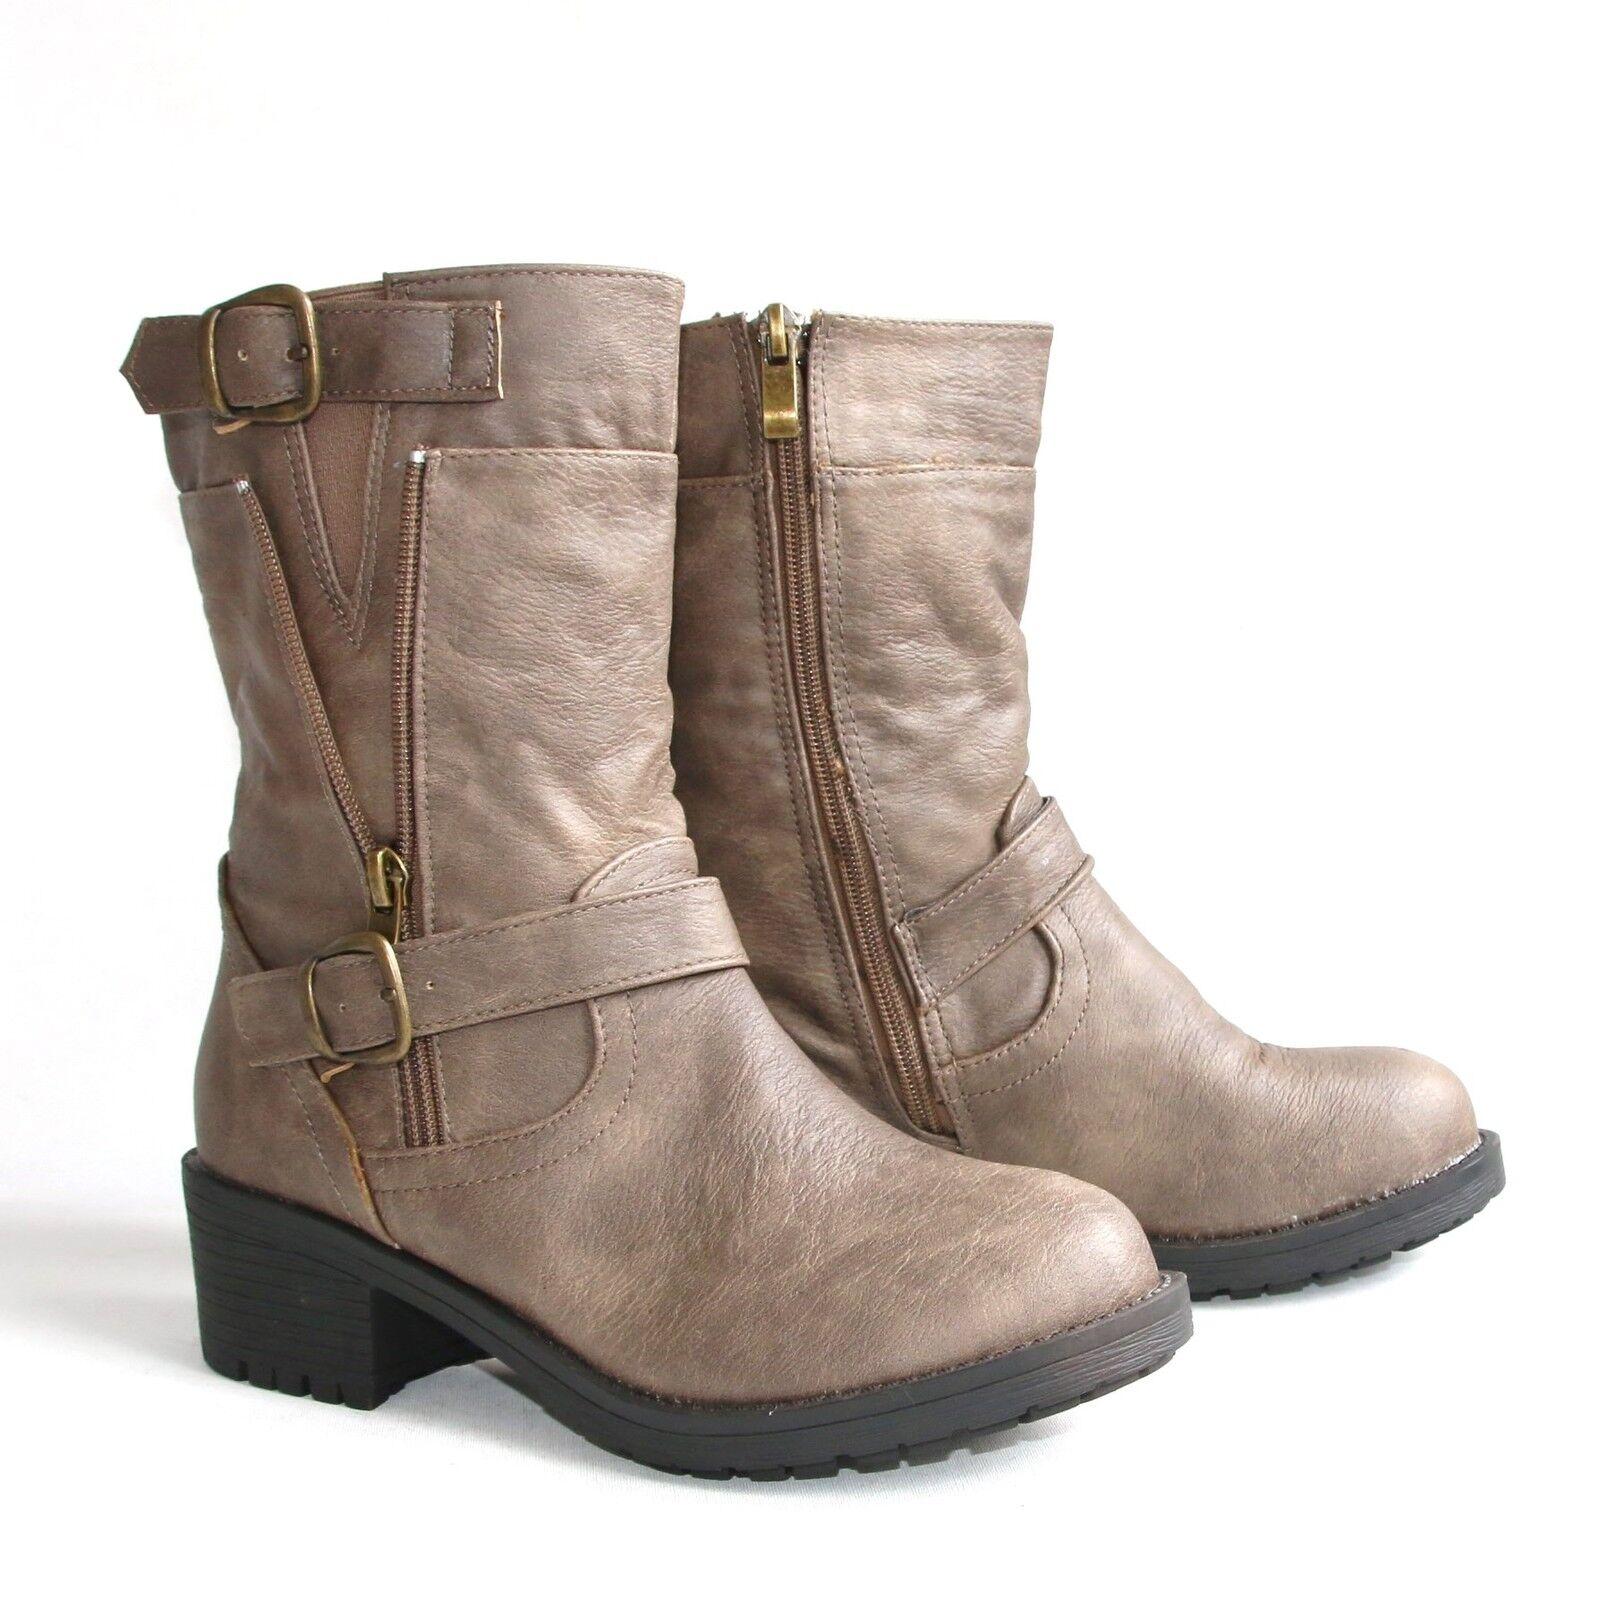 Bequeme Damen Boots Beige 37 Stiefel Stiefeletten Pumps Halbschuhe W19